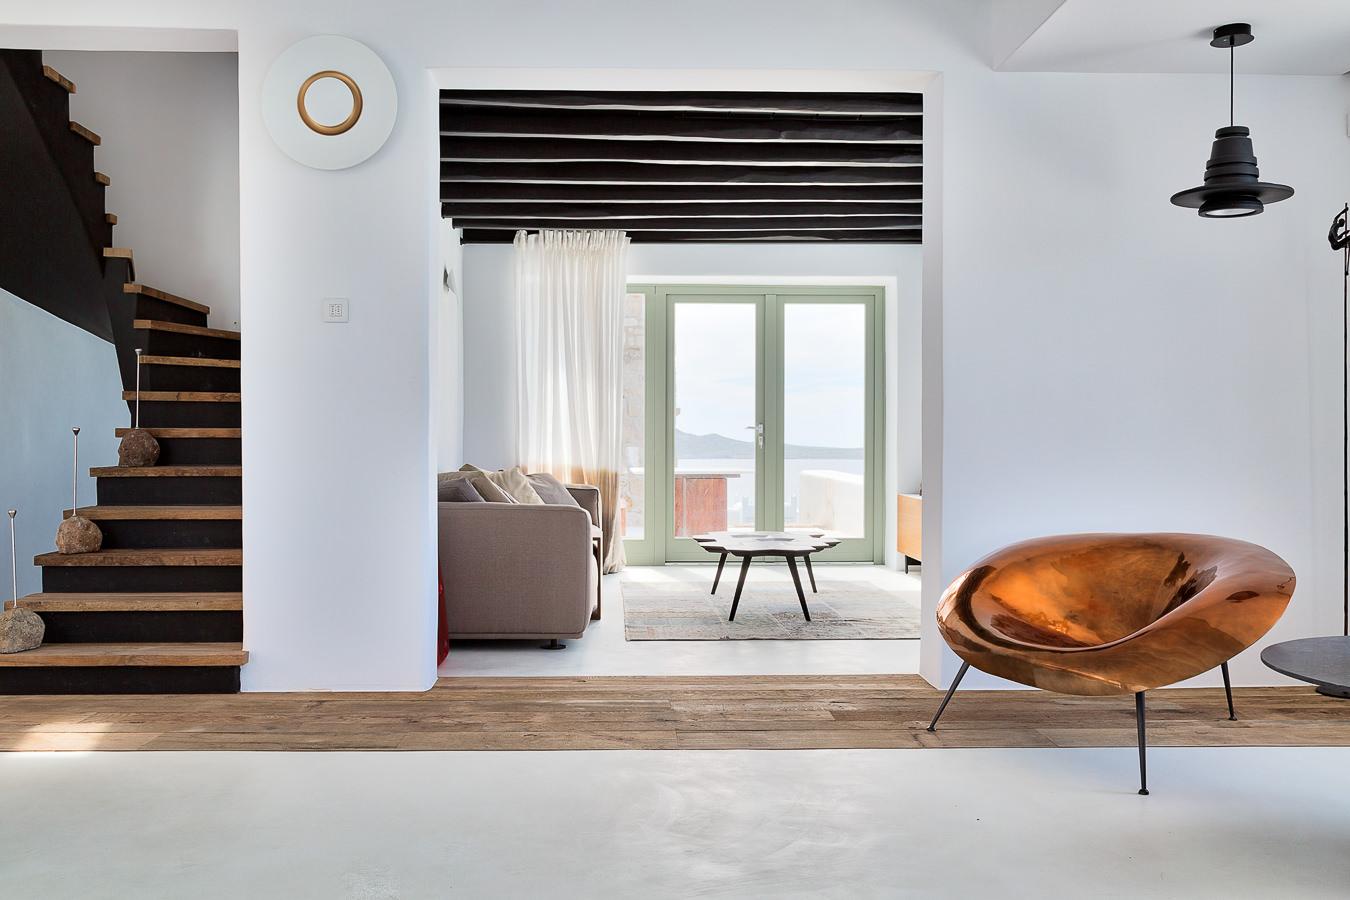 VILLA ALEOMANDRA, MYKONOS, Γιώργος Φάκαρος - Αρχιτεκτονική Φωτογραφία | Εσωτερικοί Χώροι | Φωτογραφία Ξενοδοχειών - Photography / Φωτογραφία